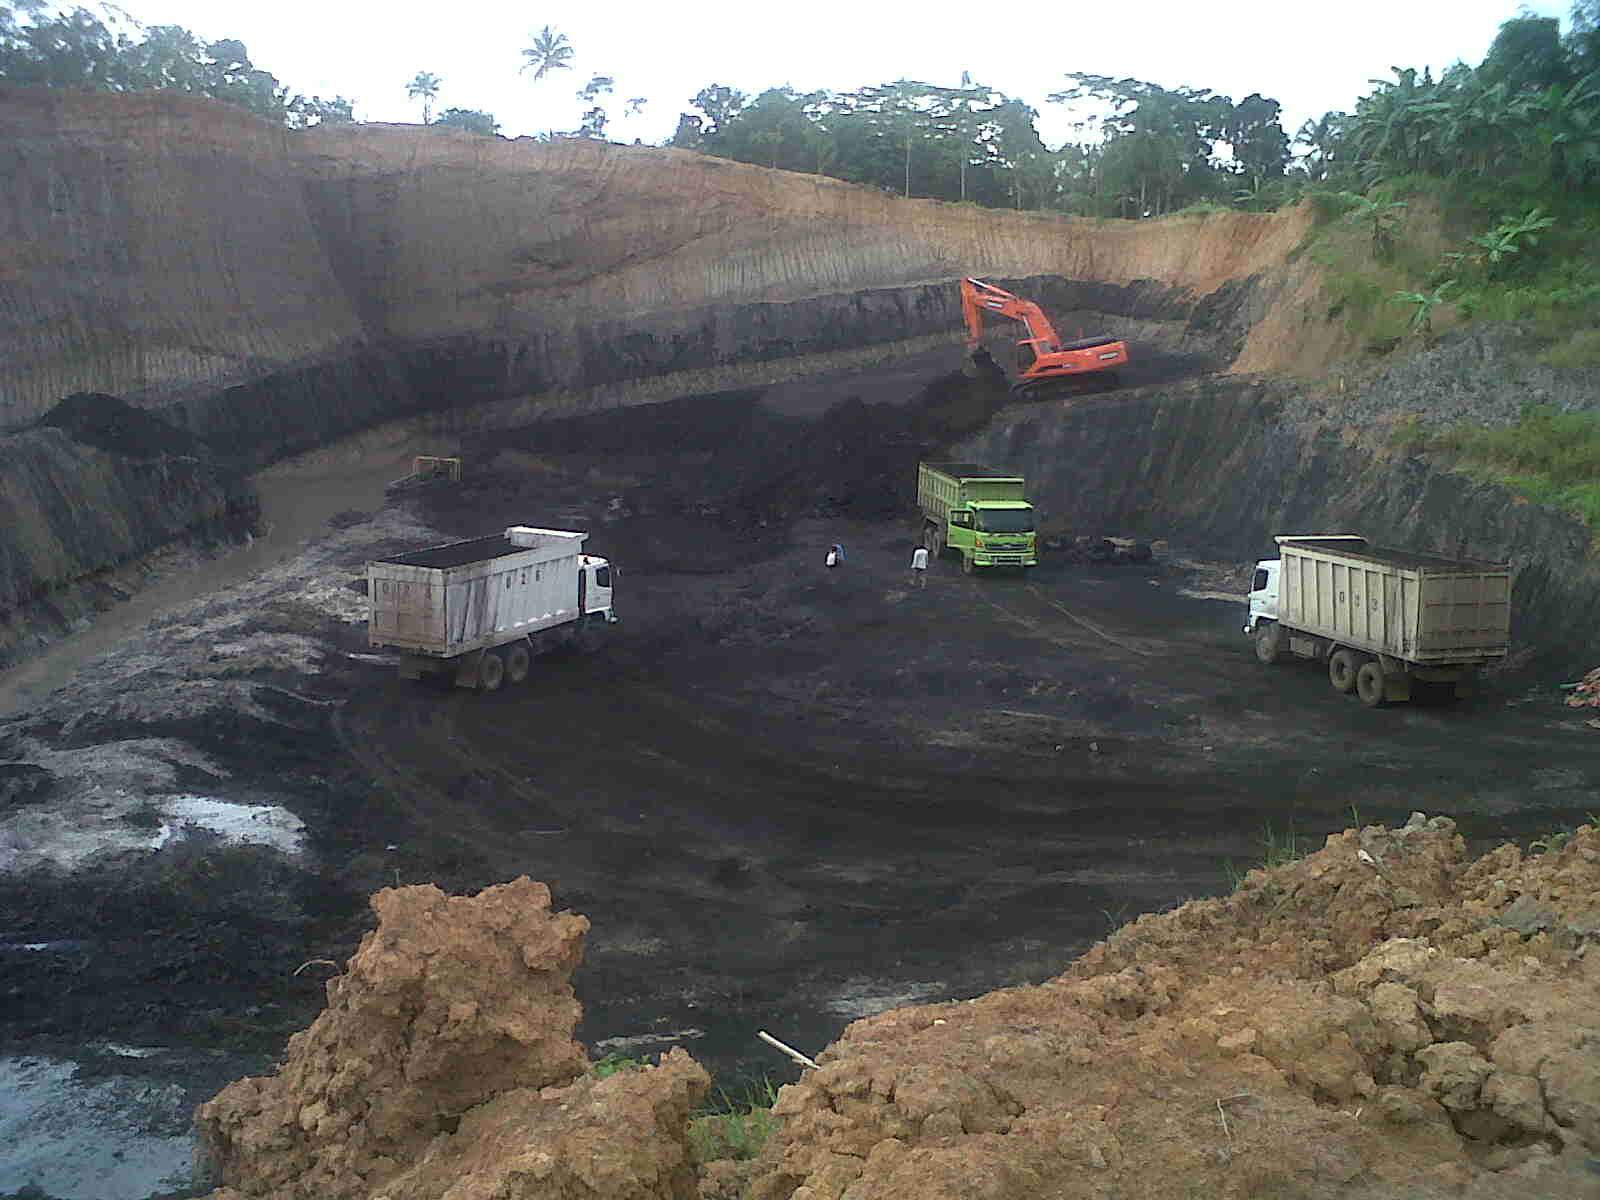 southborneocoal coal mining tongkang batu bara